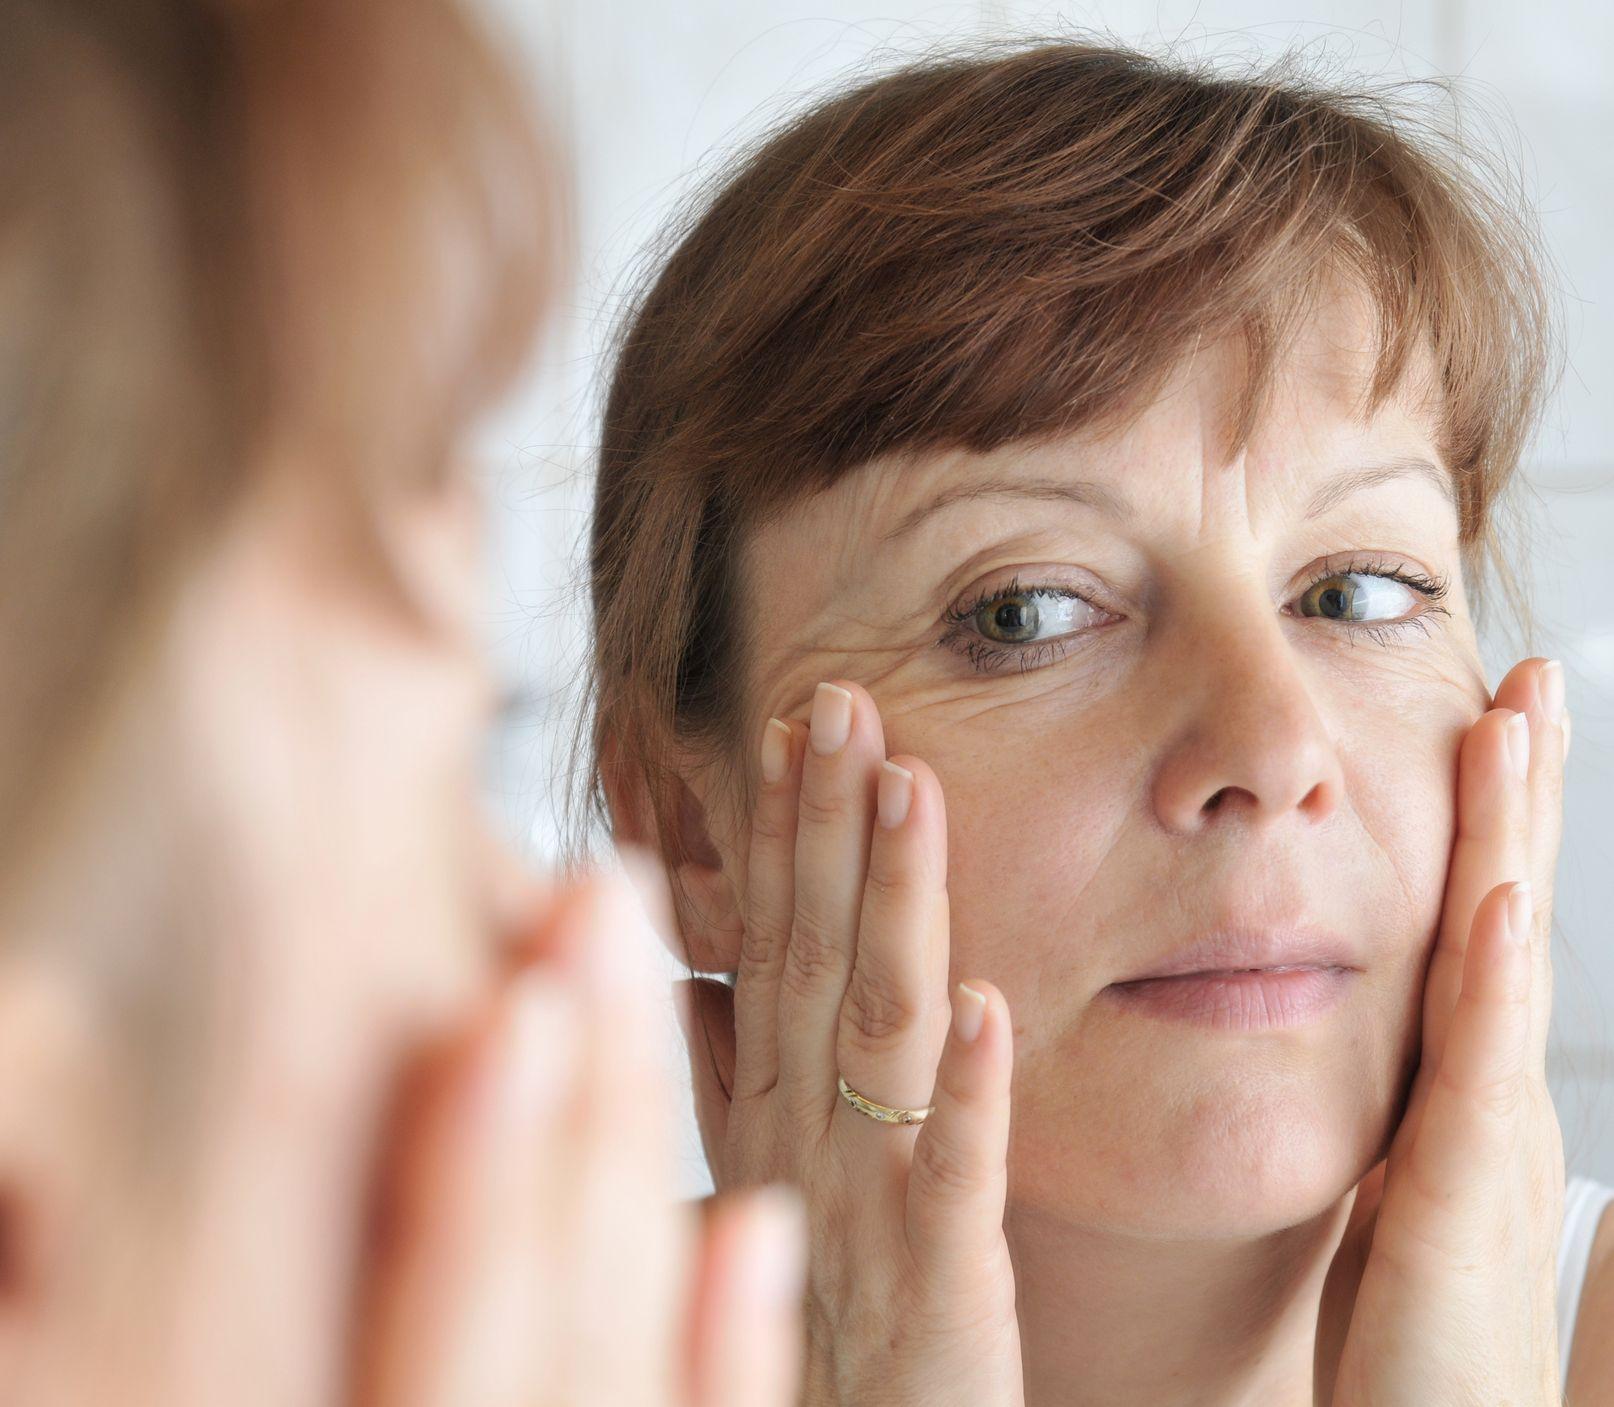 Ako zmierniť tvorbu vrások? Pomôže masáž tváre, ide to aj doma a zadarmo